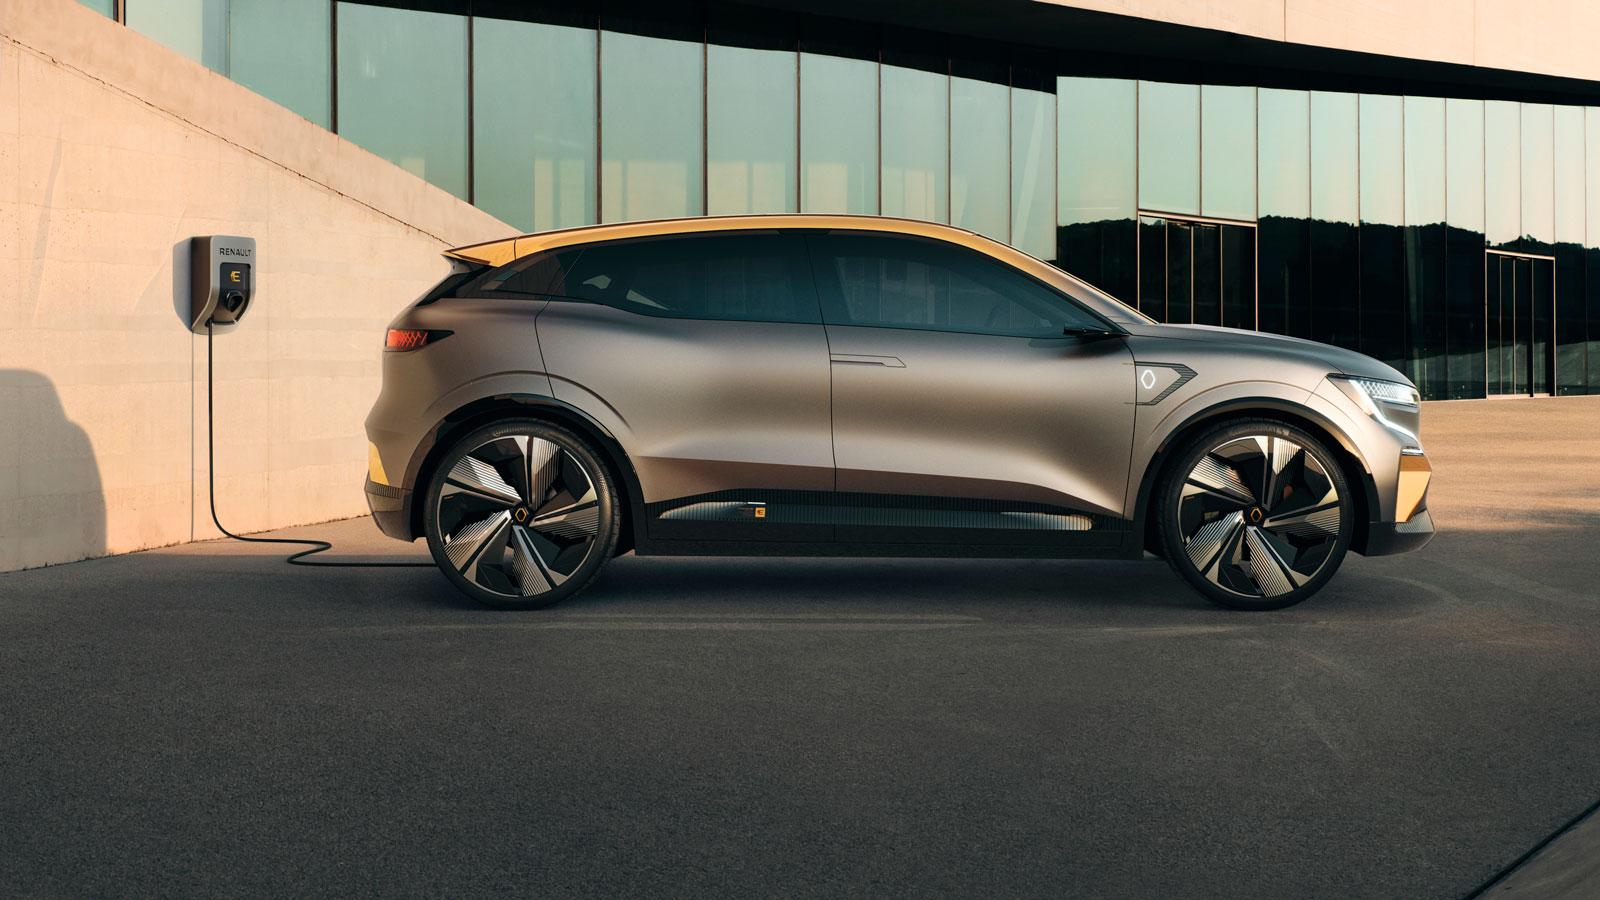 Renault lässt Verbrenner noch eine Weile laufen %